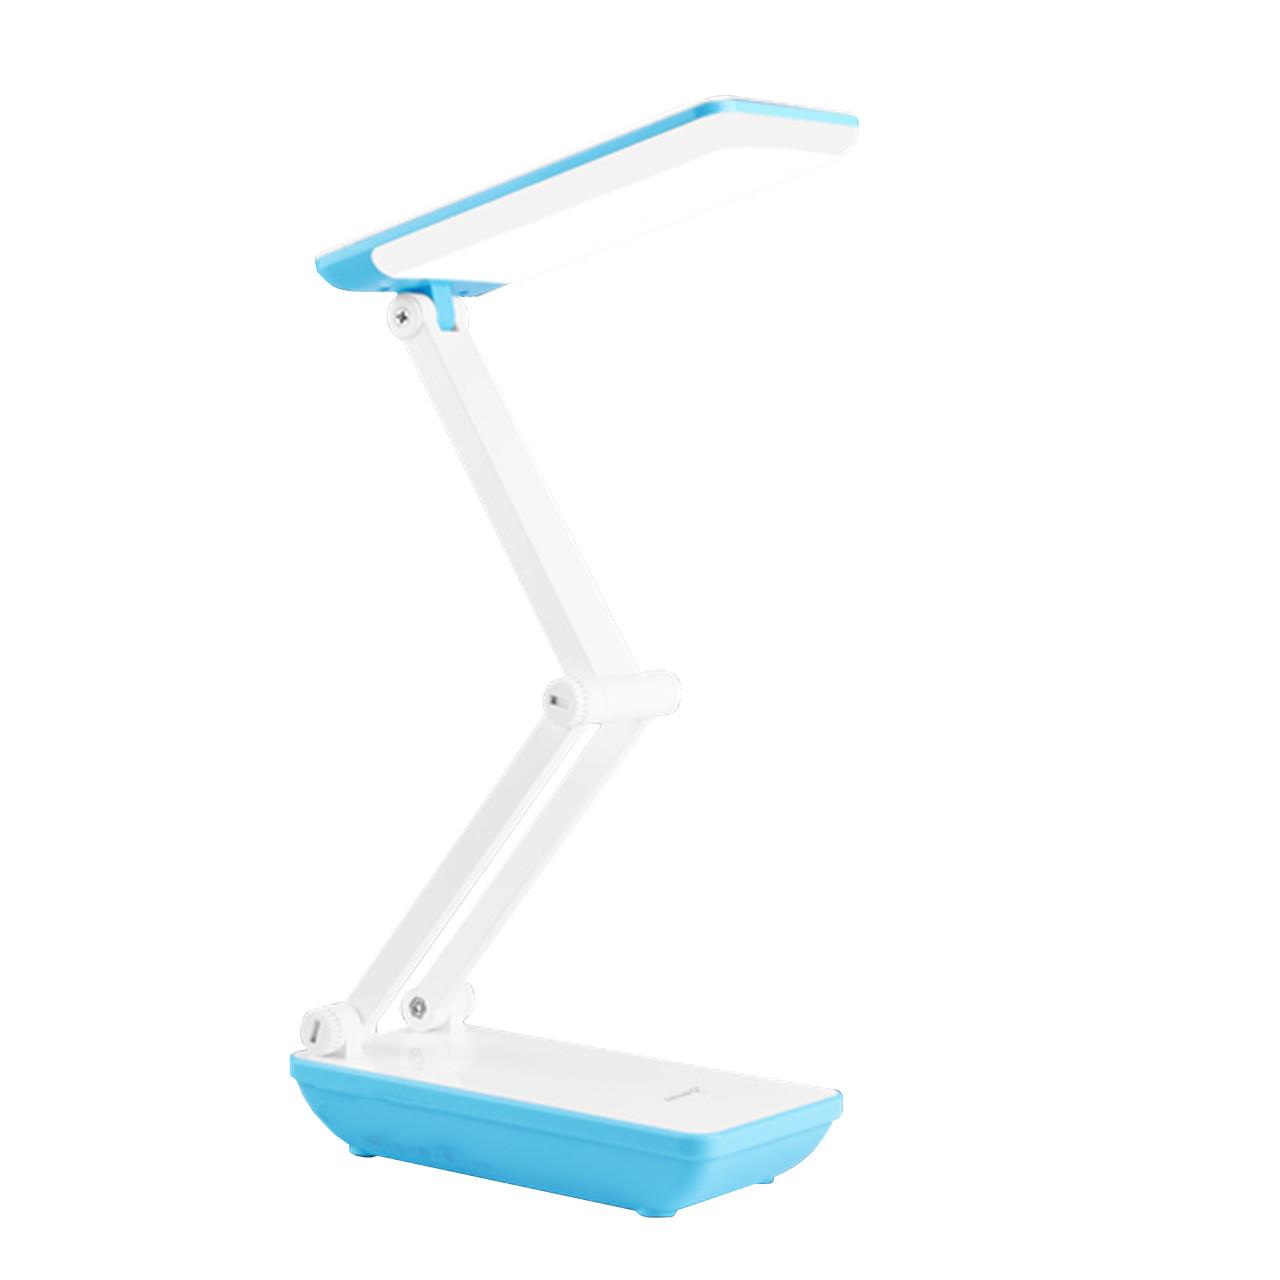 Настольная светодиодная лампа YAGE YG-5951 Blue аккумулятор 1200 мАч гибкая настольная для офиса дома